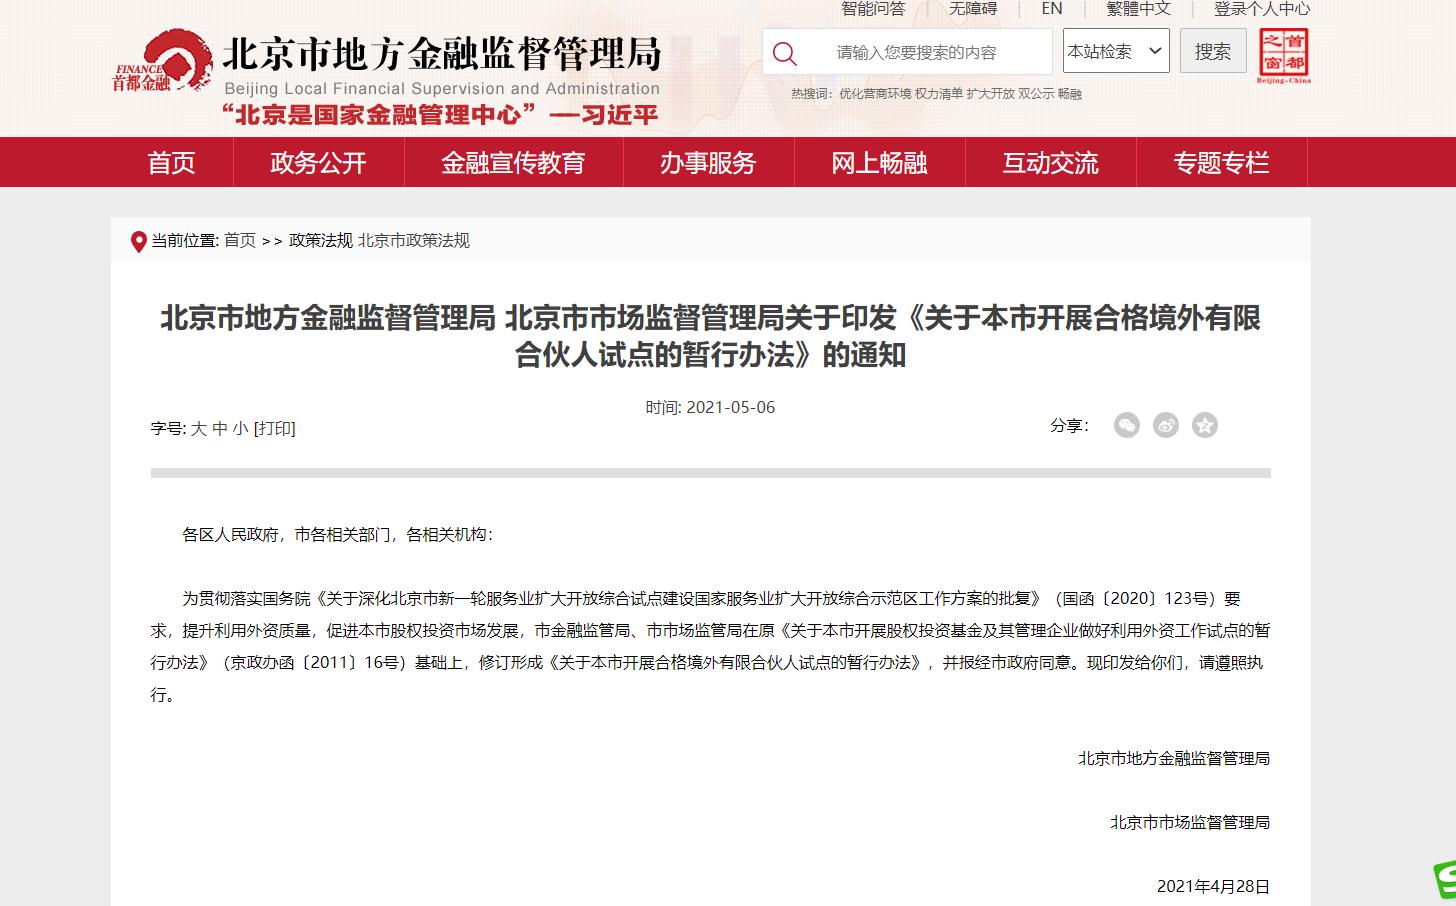 北京正式下发QFLP试点暂行办法,进一步放宽投资范围